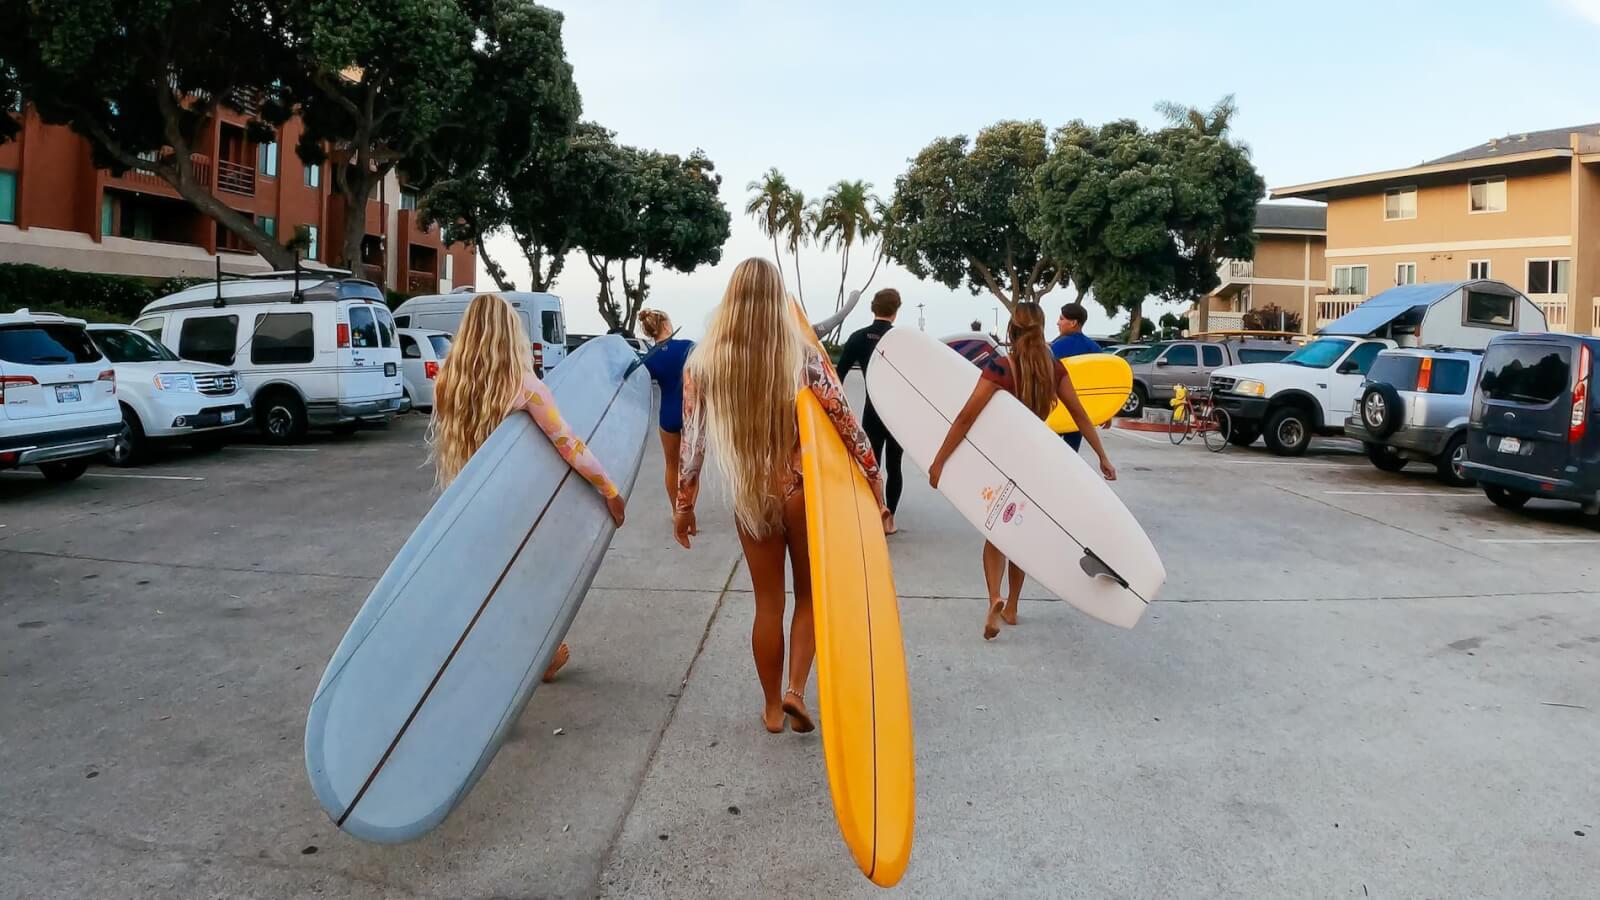 Going surfing Ventura